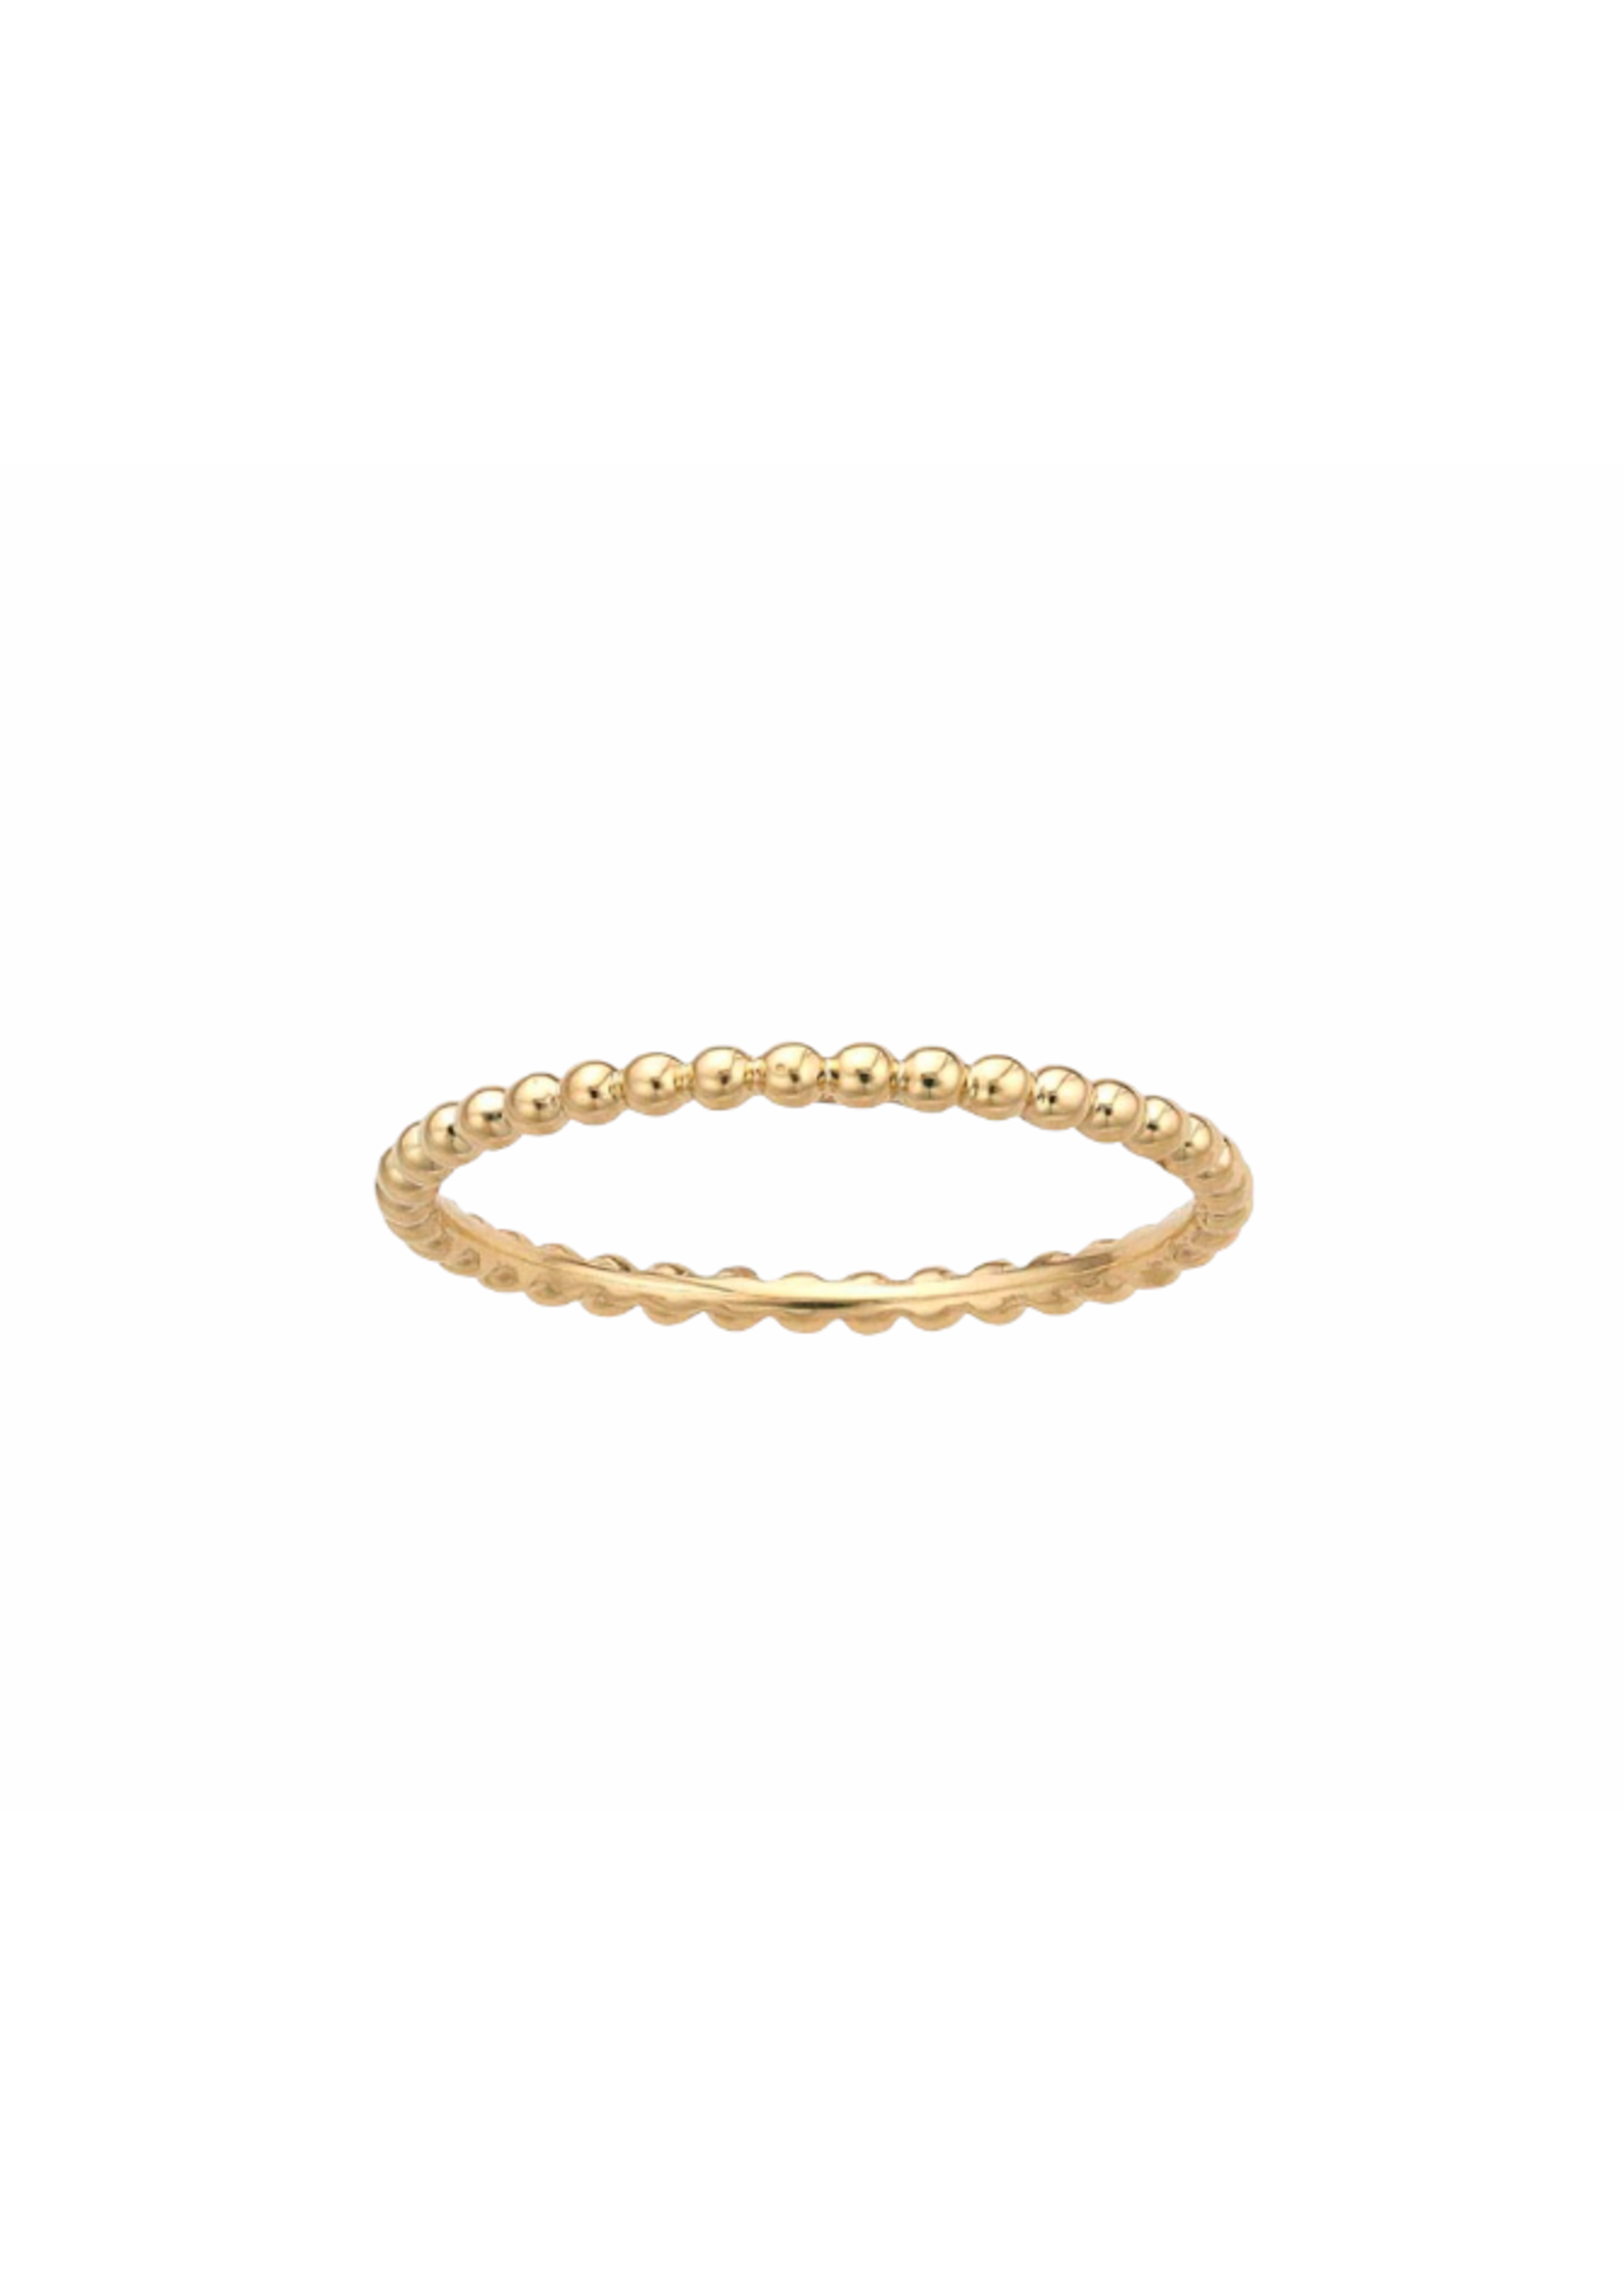 Jill Alberts Yellow Gold Beaded Band Ring